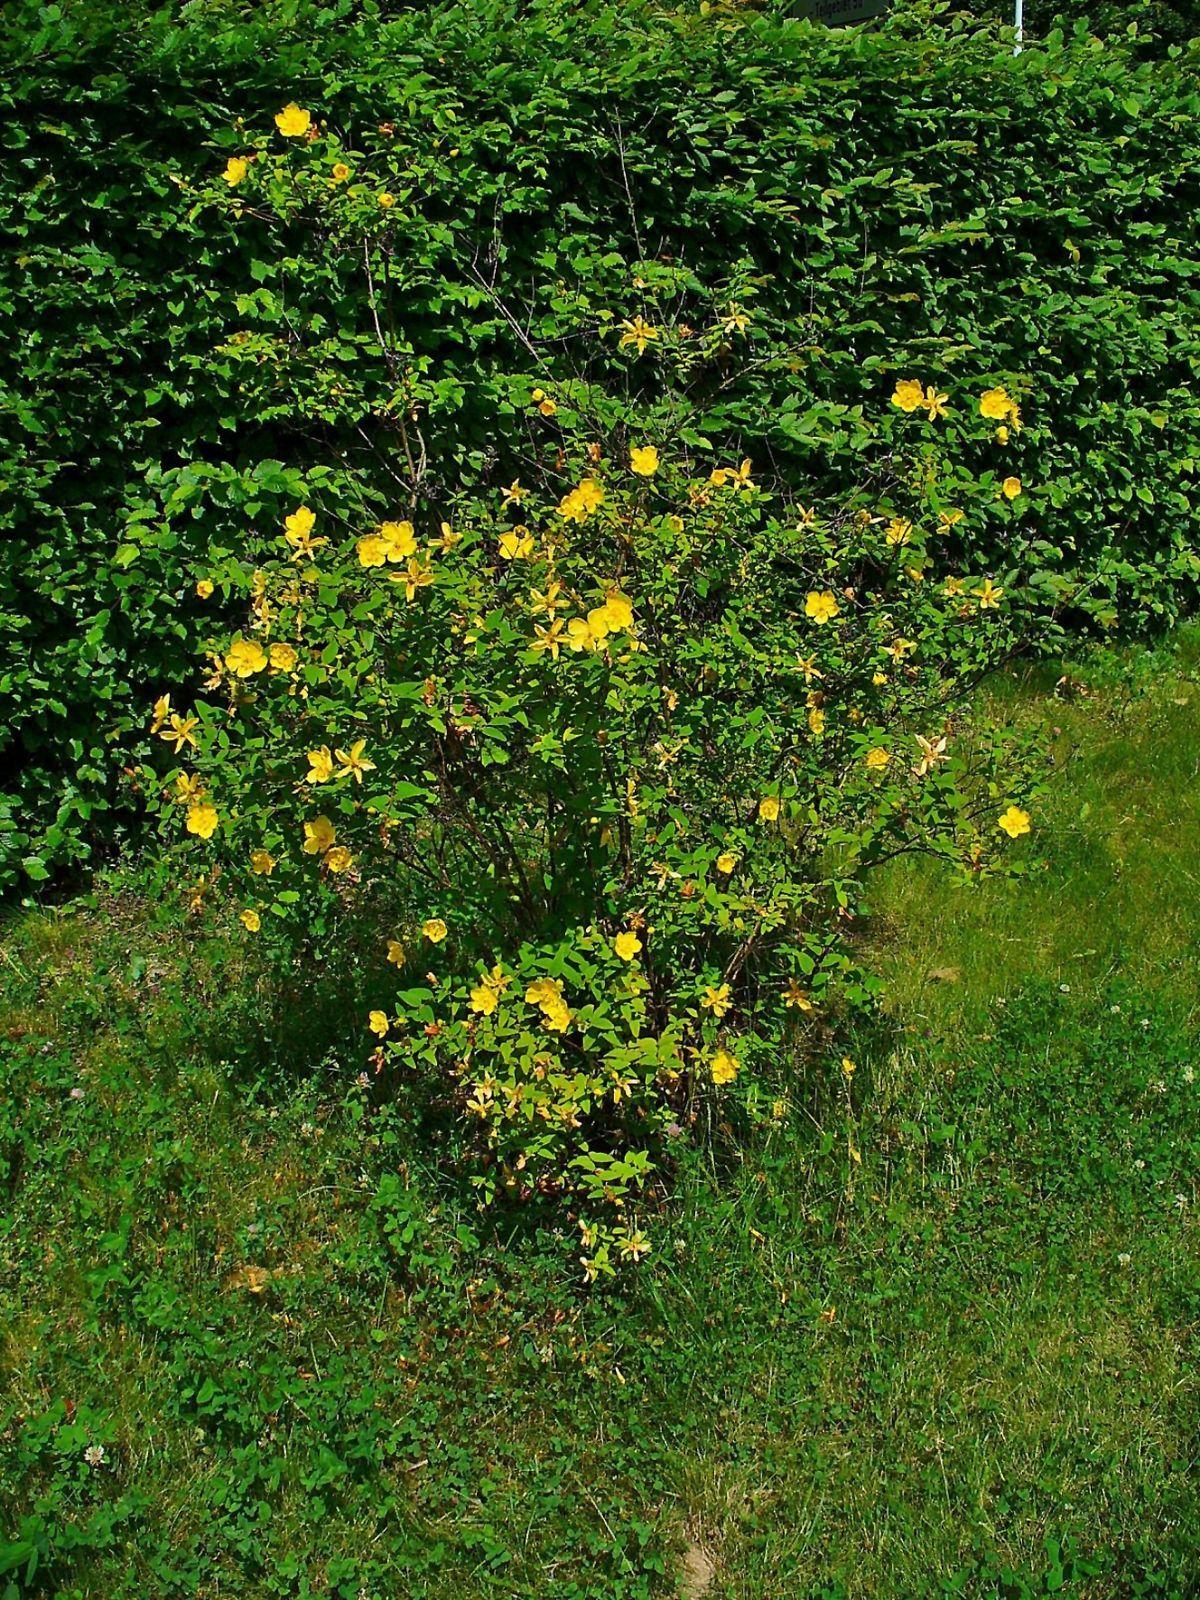 62 Neu Botanischer Garten Karlsruhe In 2020 Botanischer Garten Diy Gartenbau Vorgarten